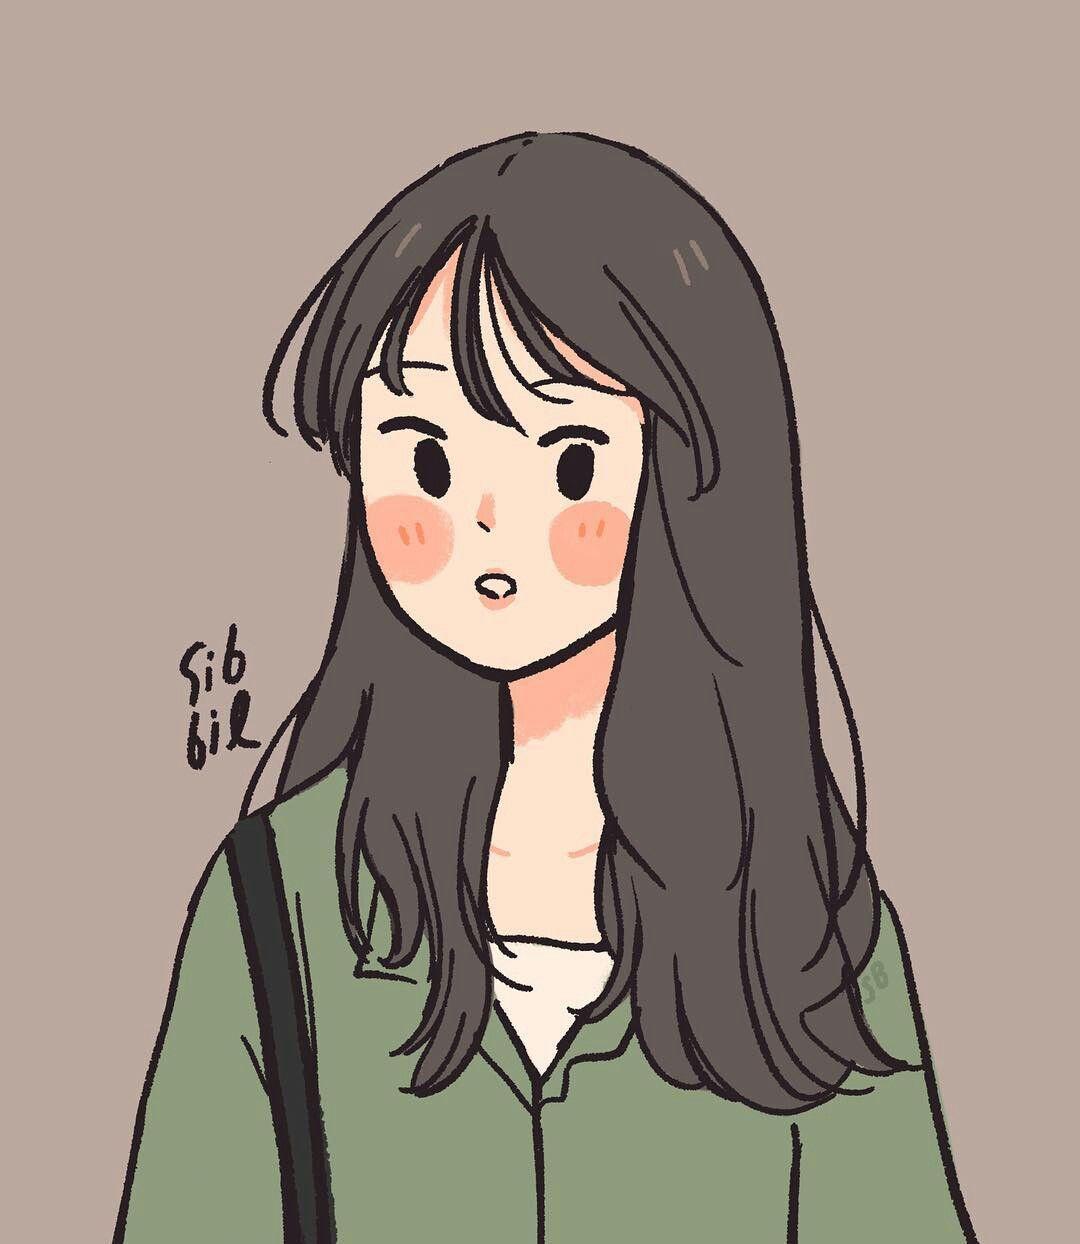 Pin Oleh Is Keka Di Doramas Ilustrasi Karakter Ilustrasi Komik Ilustrator